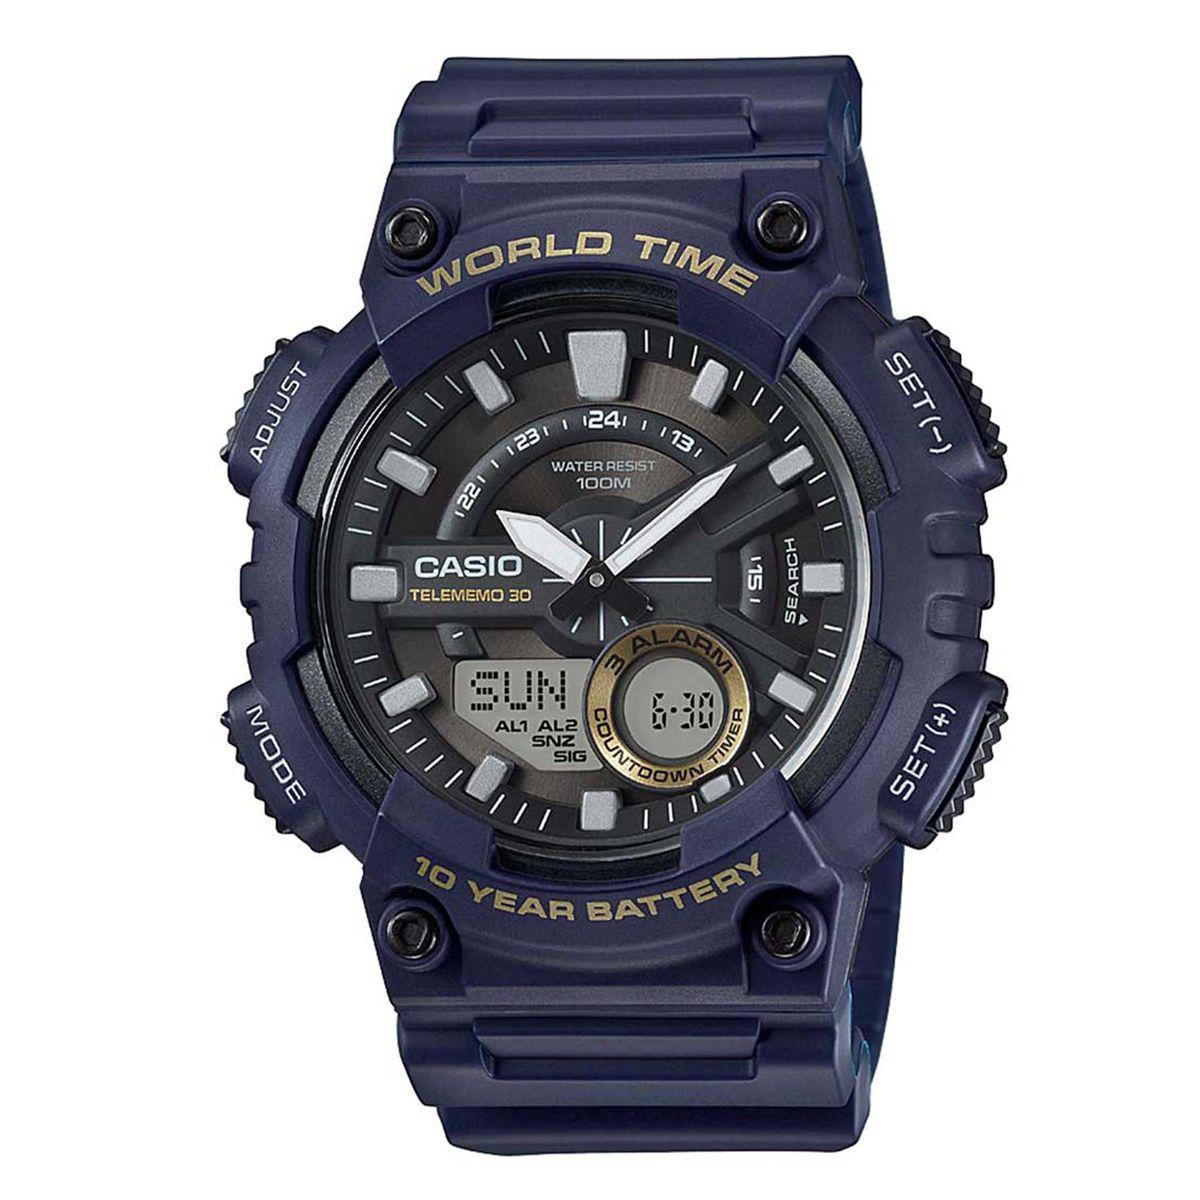 dfb71932f80 Relógio Casio Standard Digital Masculino AEQ-110W-2 Produto não disponível